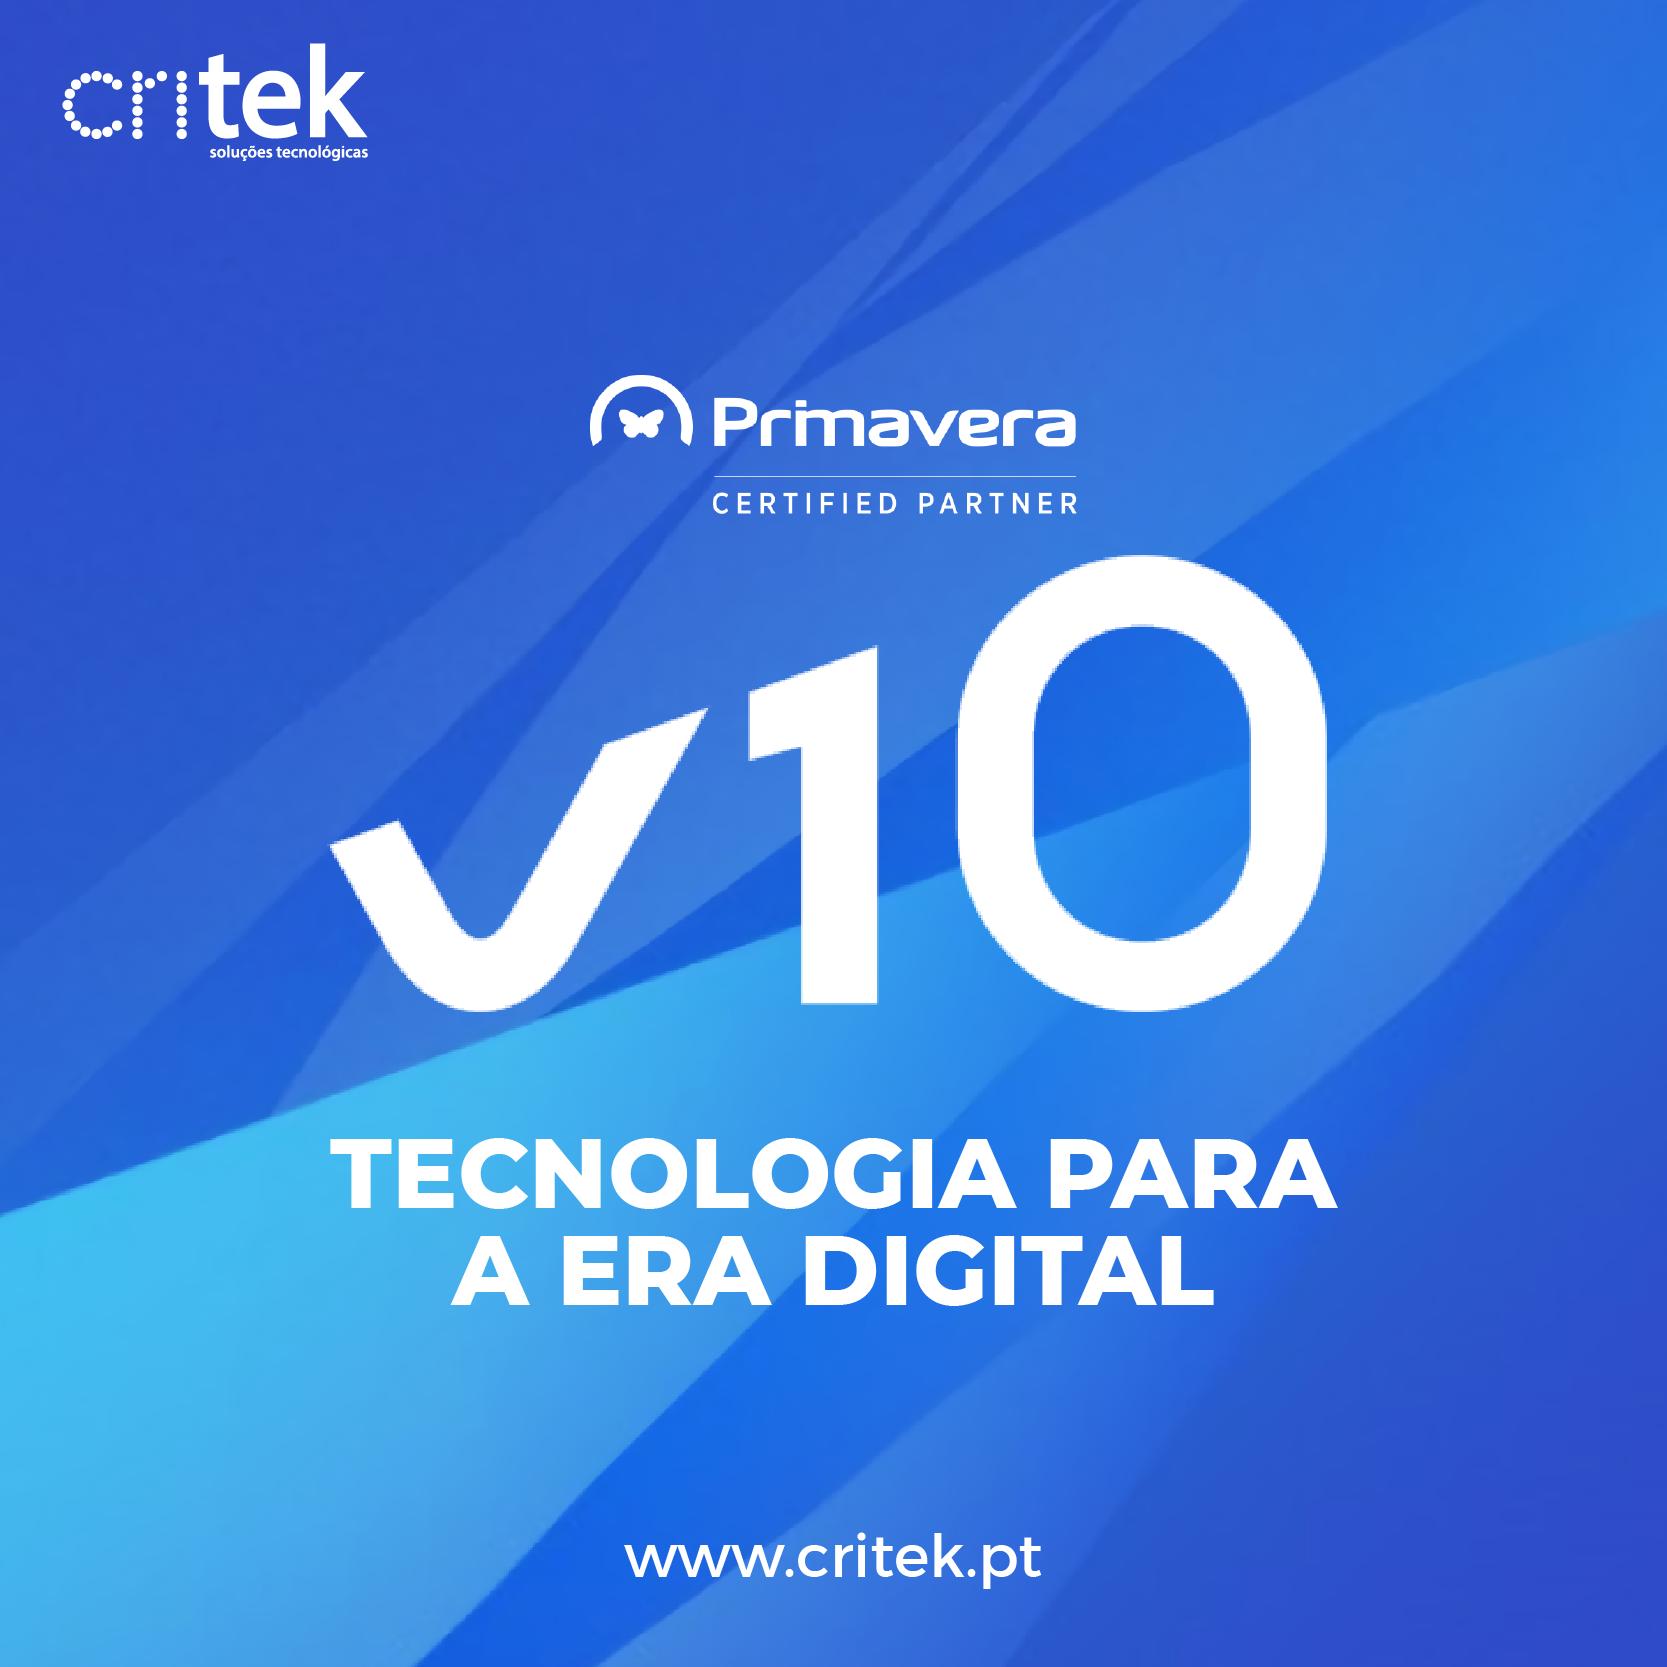 V10 - Um enorme salto tecnológico rumo à era digital